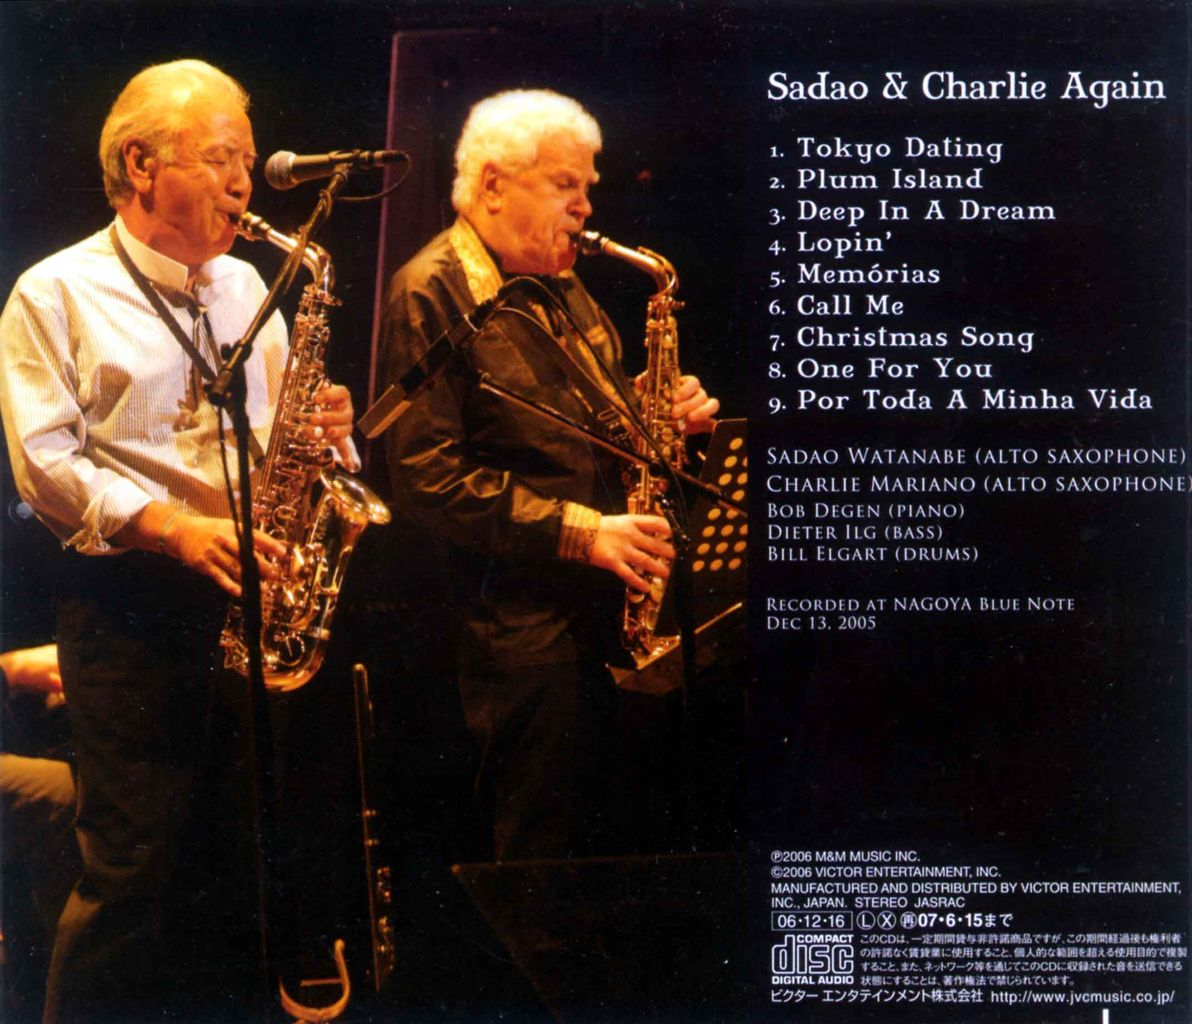 SADAO & CHARLIE AGAIN-2